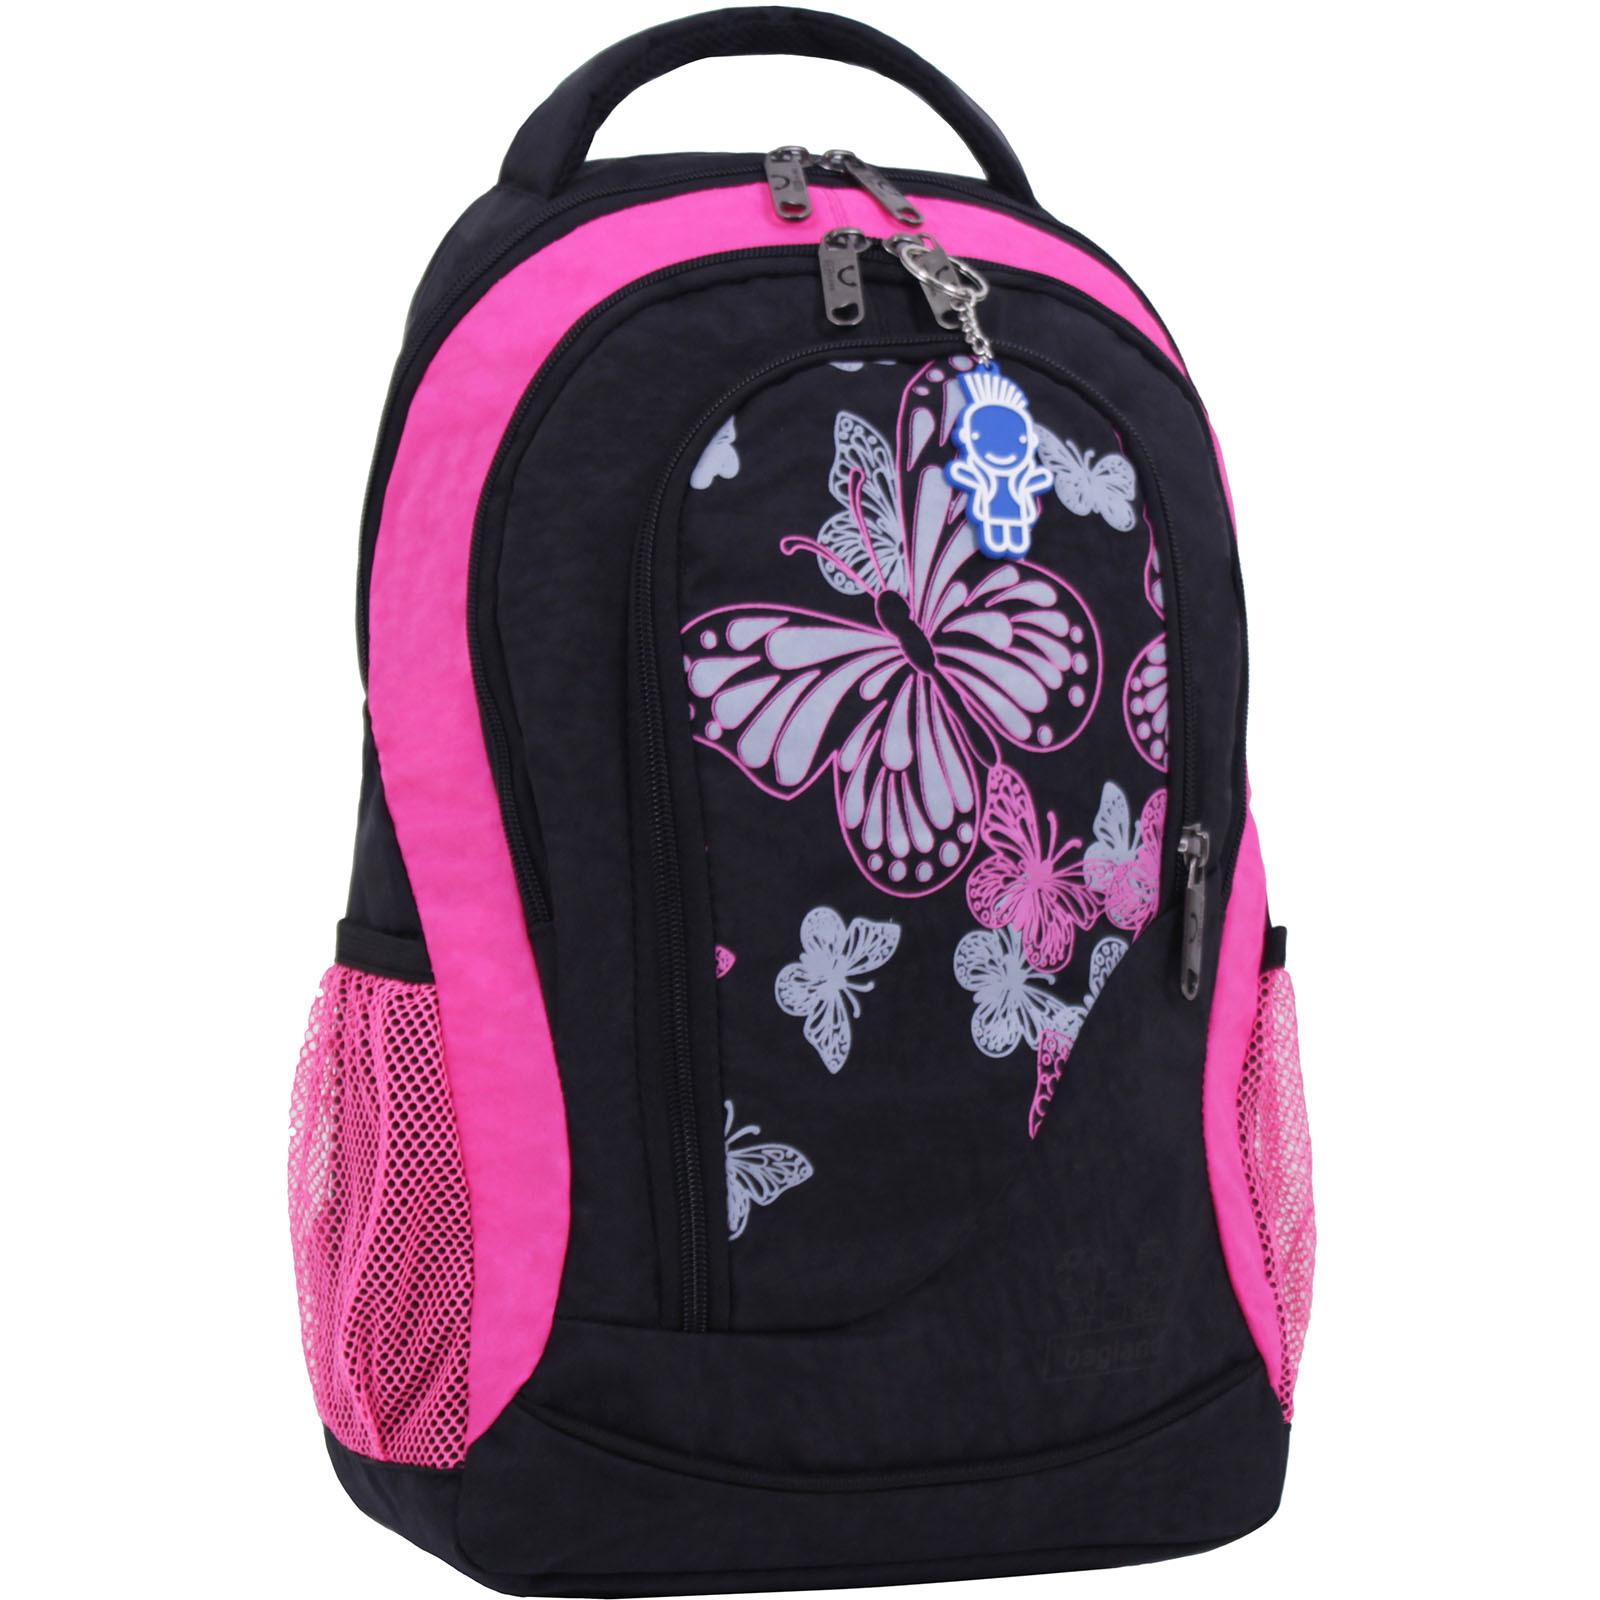 Городские рюкзаки Рюкзак Bagland Бис 21 л. Чёрный / розовый (0055670) IMG_1658.JPG